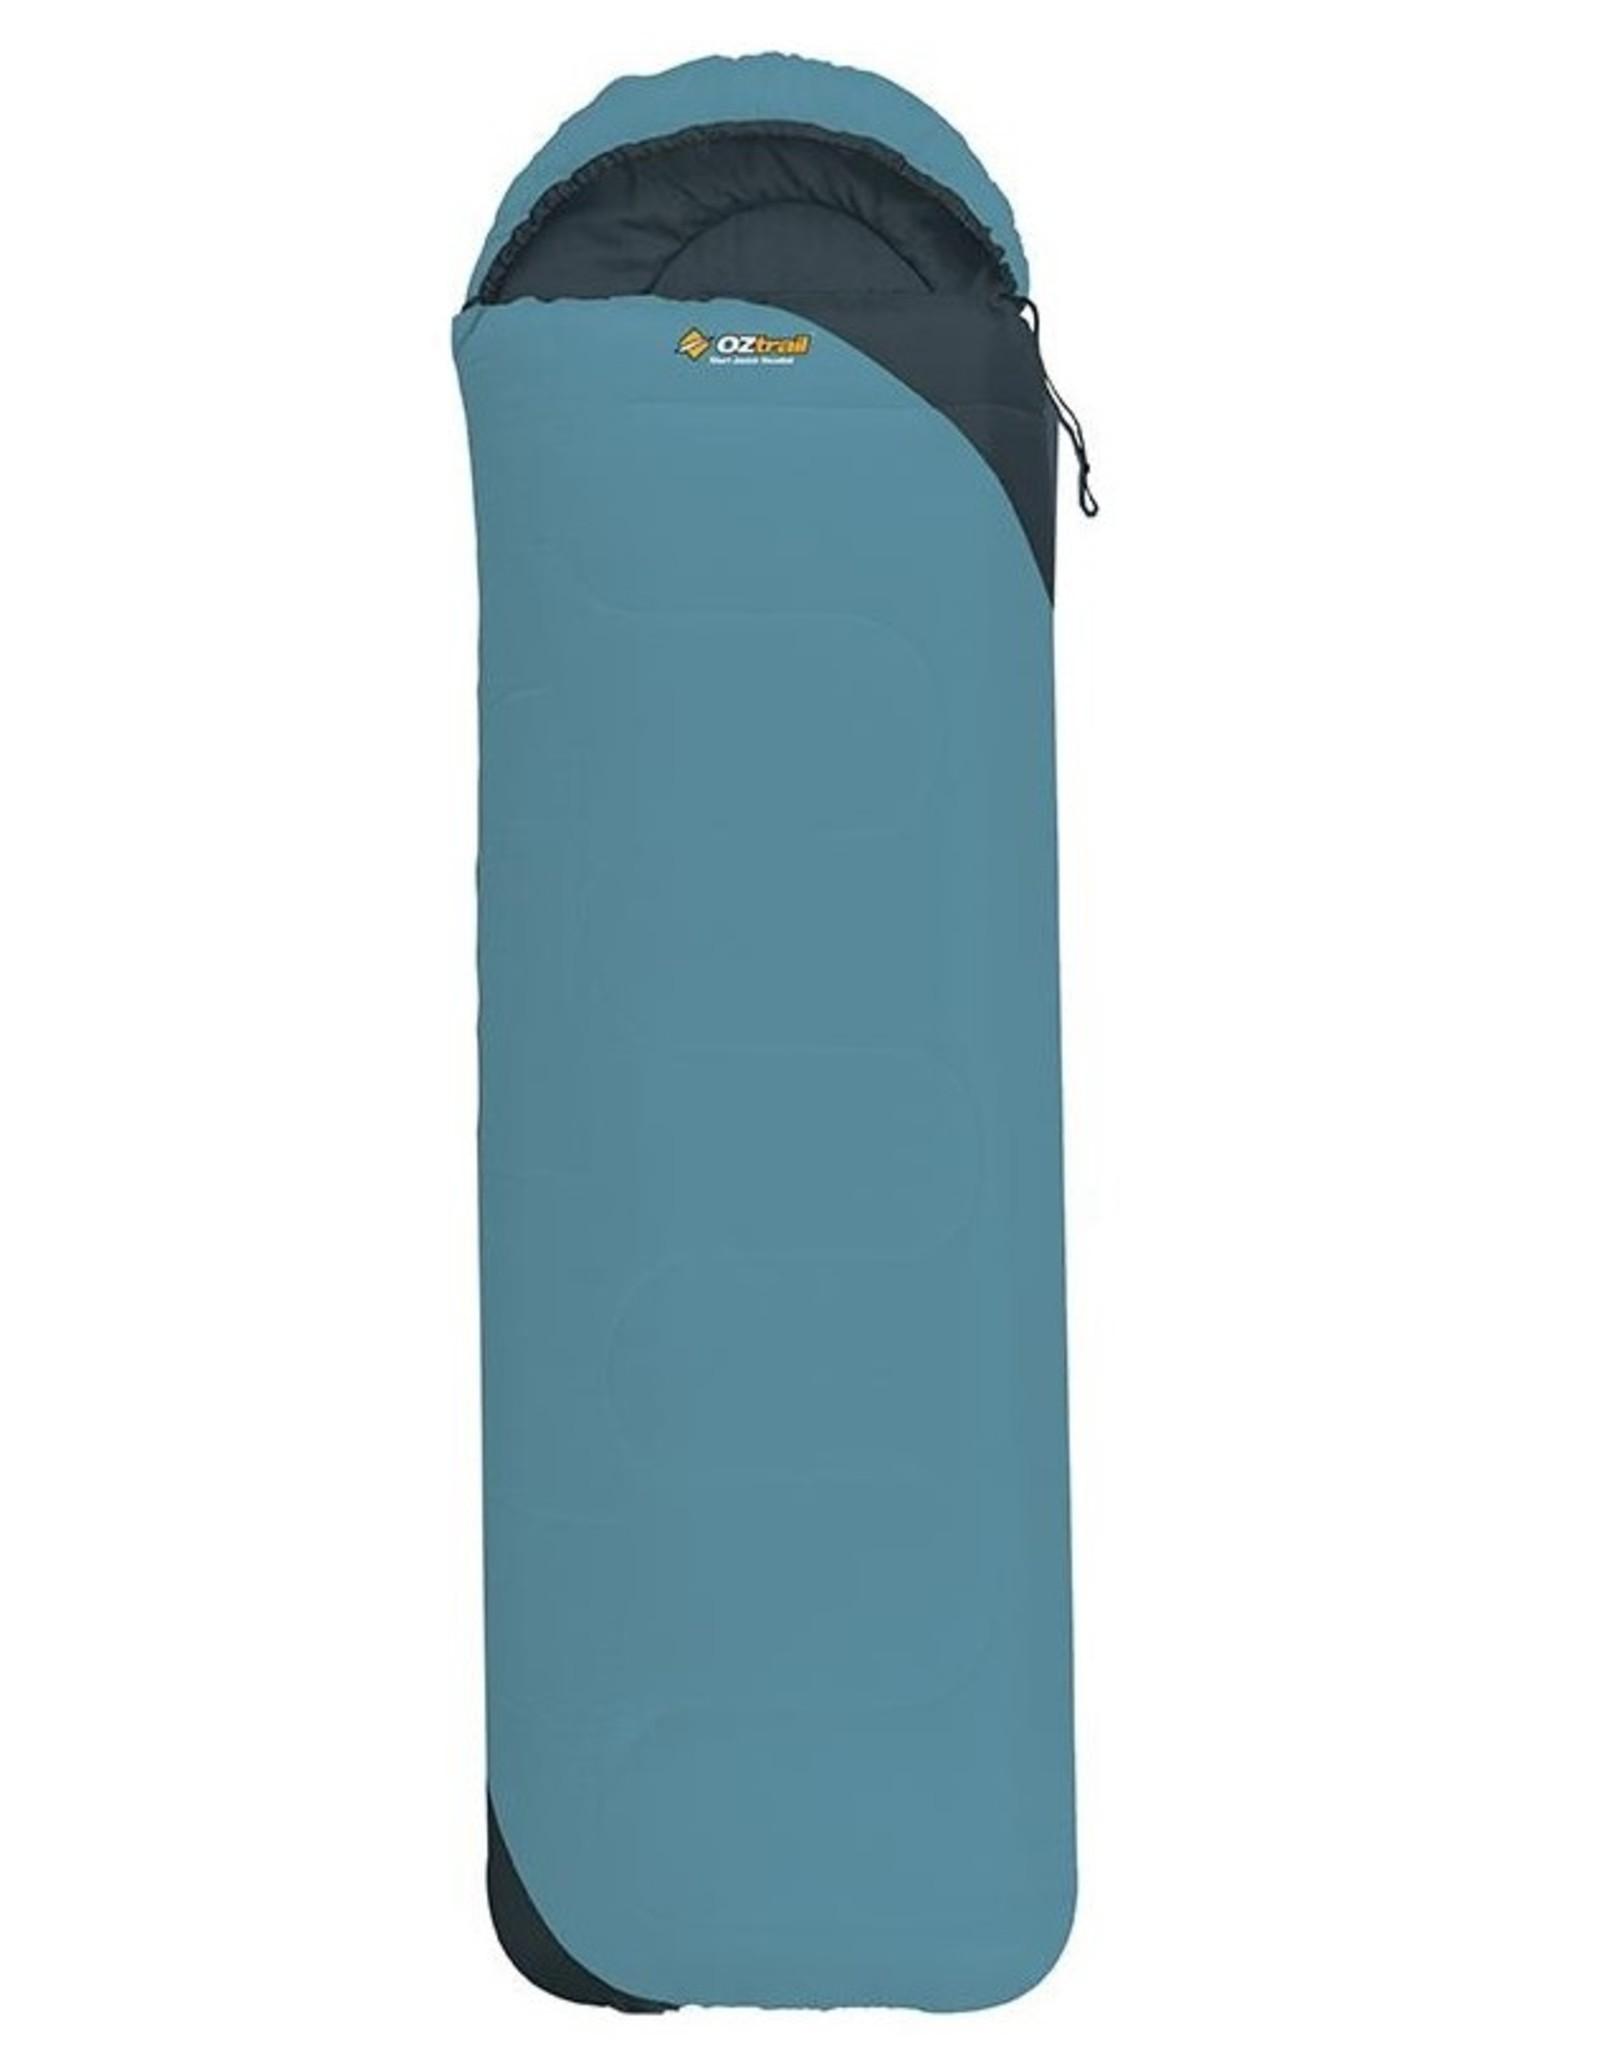 Sturt Junior Hooded Sleeping Bag Aqua